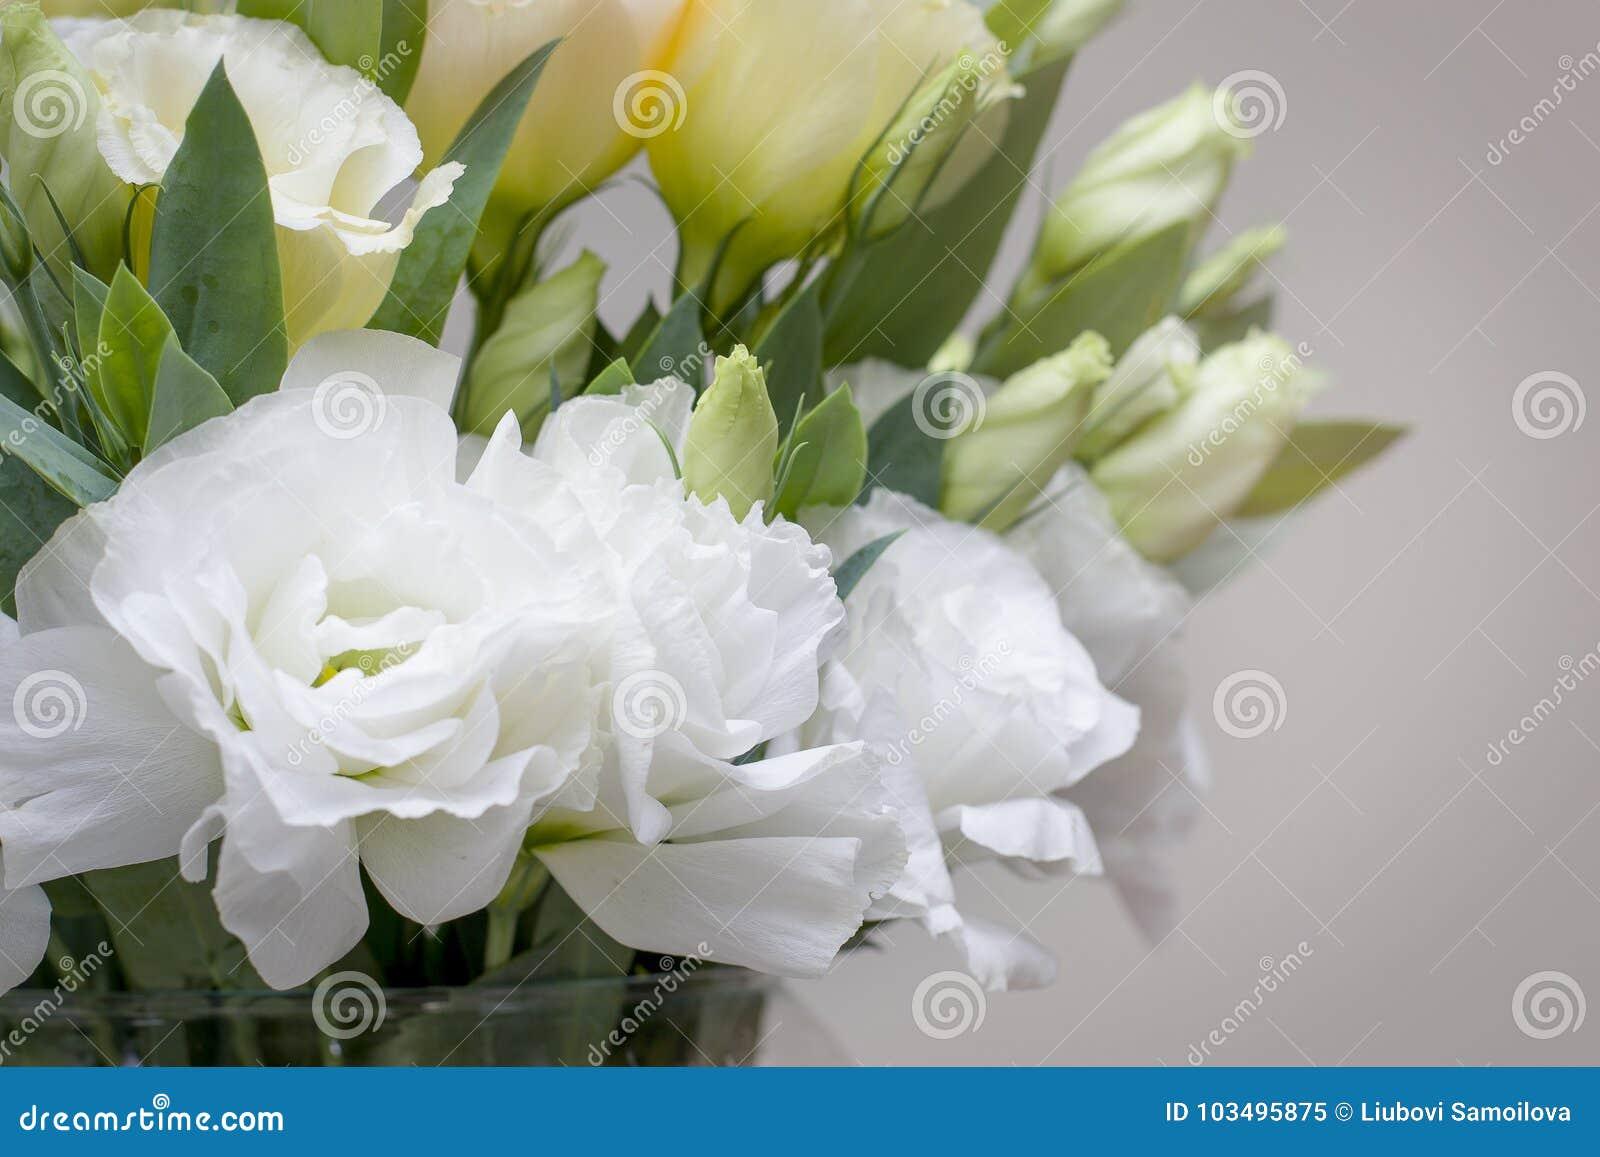 Fiori Lisianthus Bianchi.I Bei Fiori Bianchi Di Lisianthus Guardano Cosi Tanto Le Rose